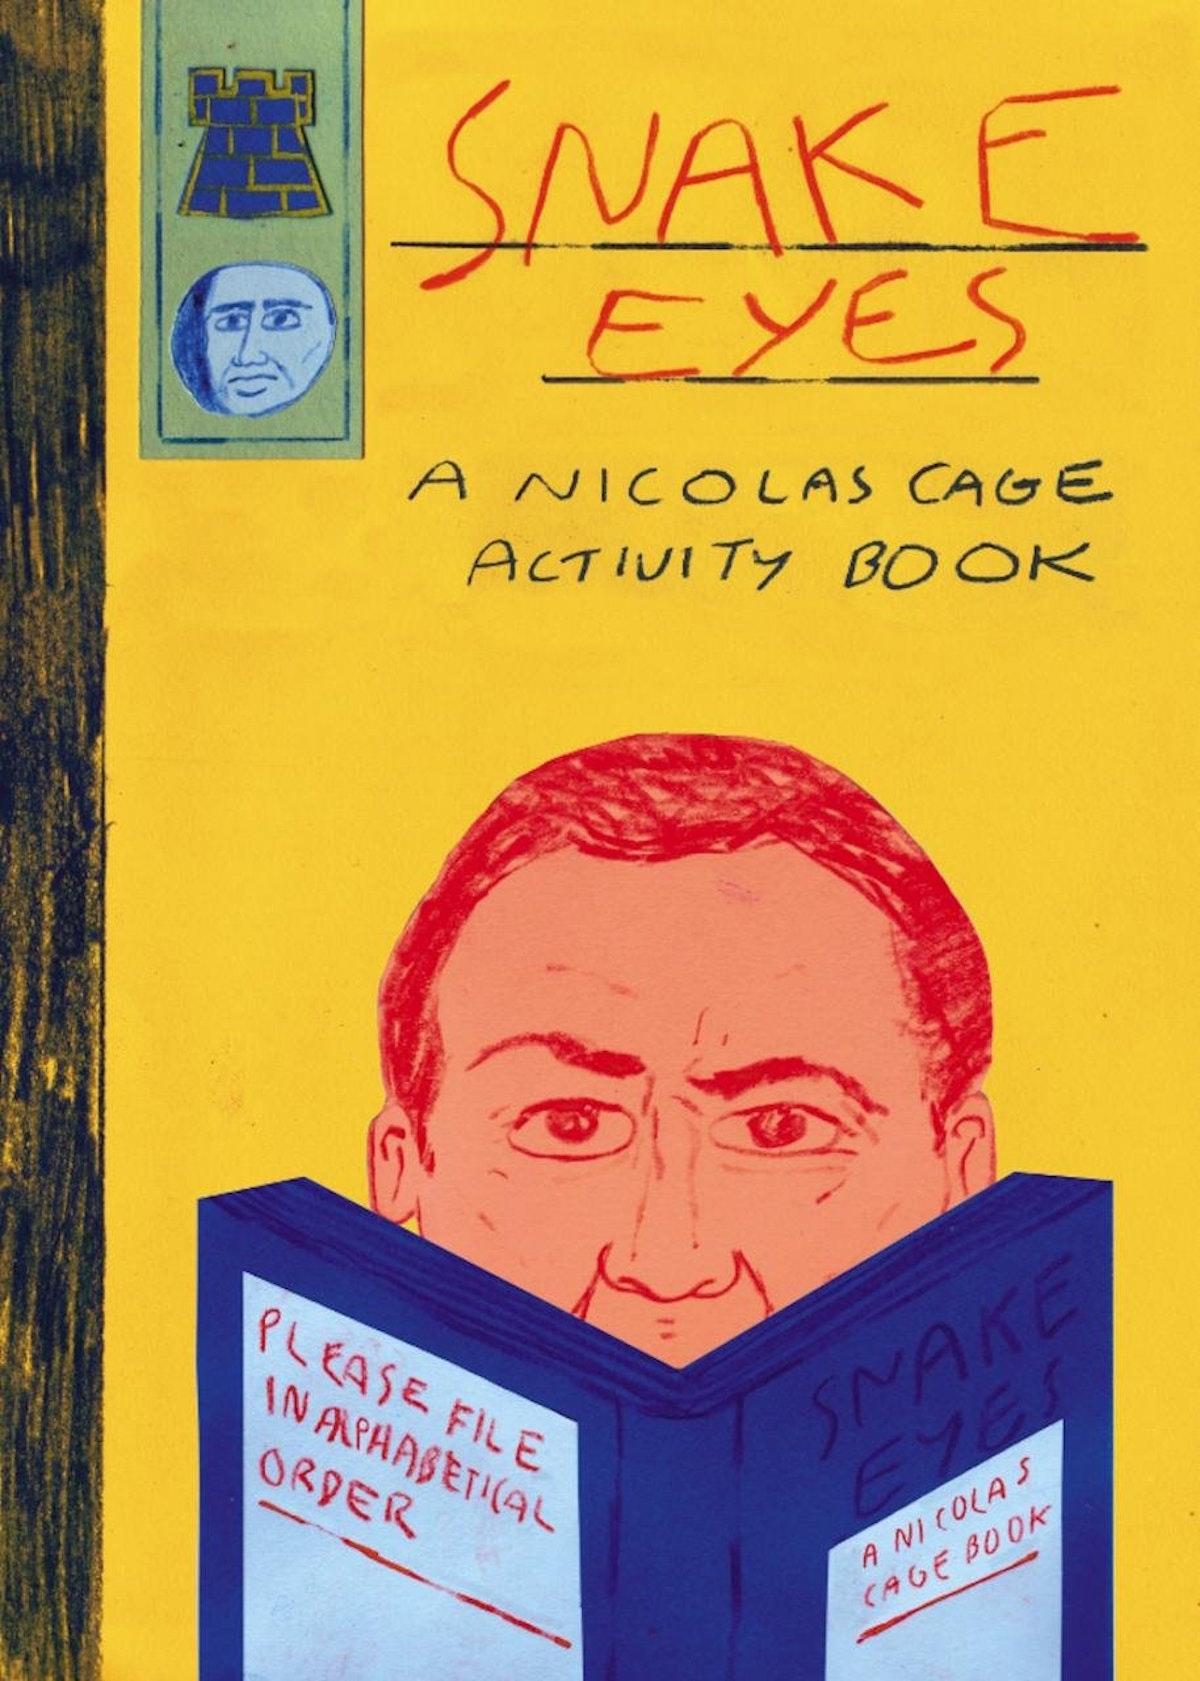 A Nicolas Cage activity book